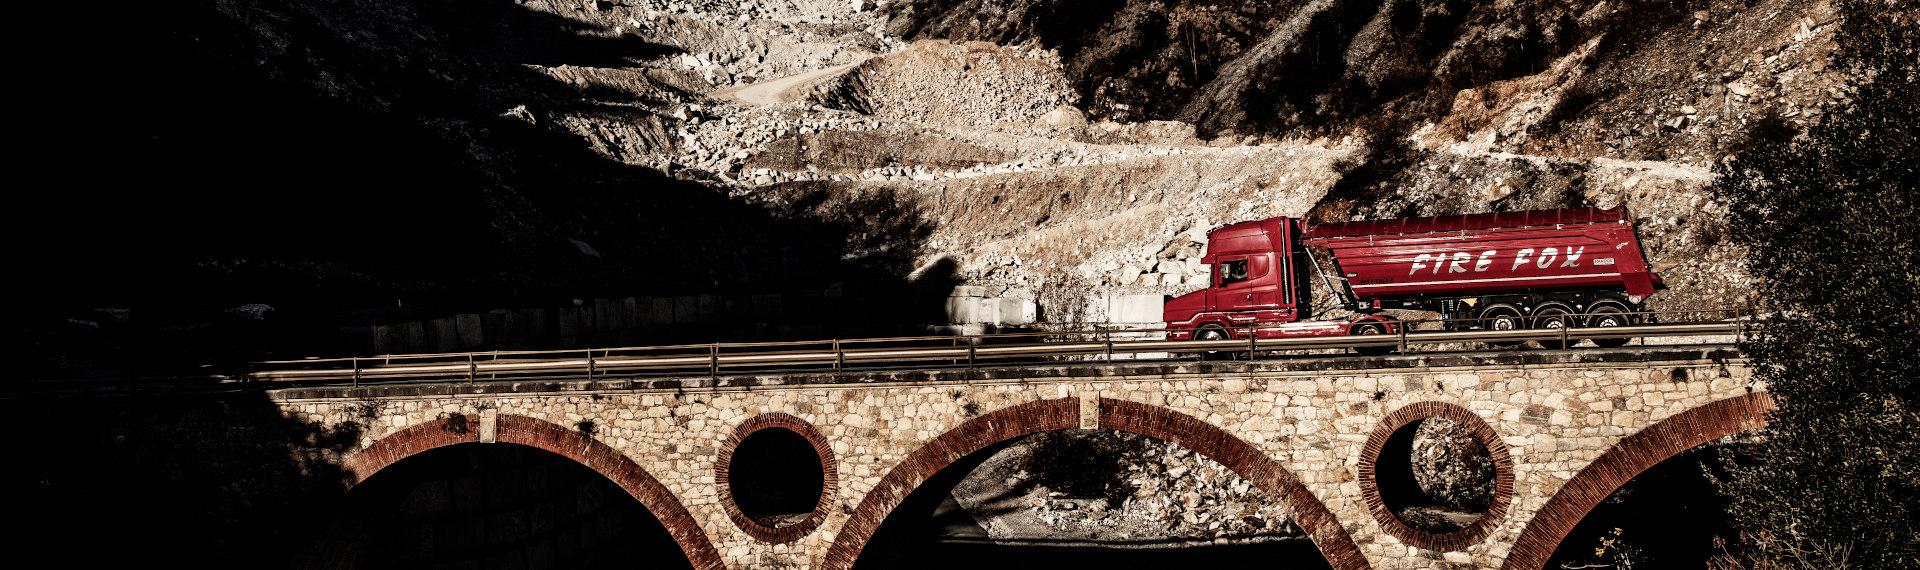 Ohnivě rudý nákladní vůz Fire Fox vyrobený z ocelového plechu Hardox 500 Tuf přejíždí most